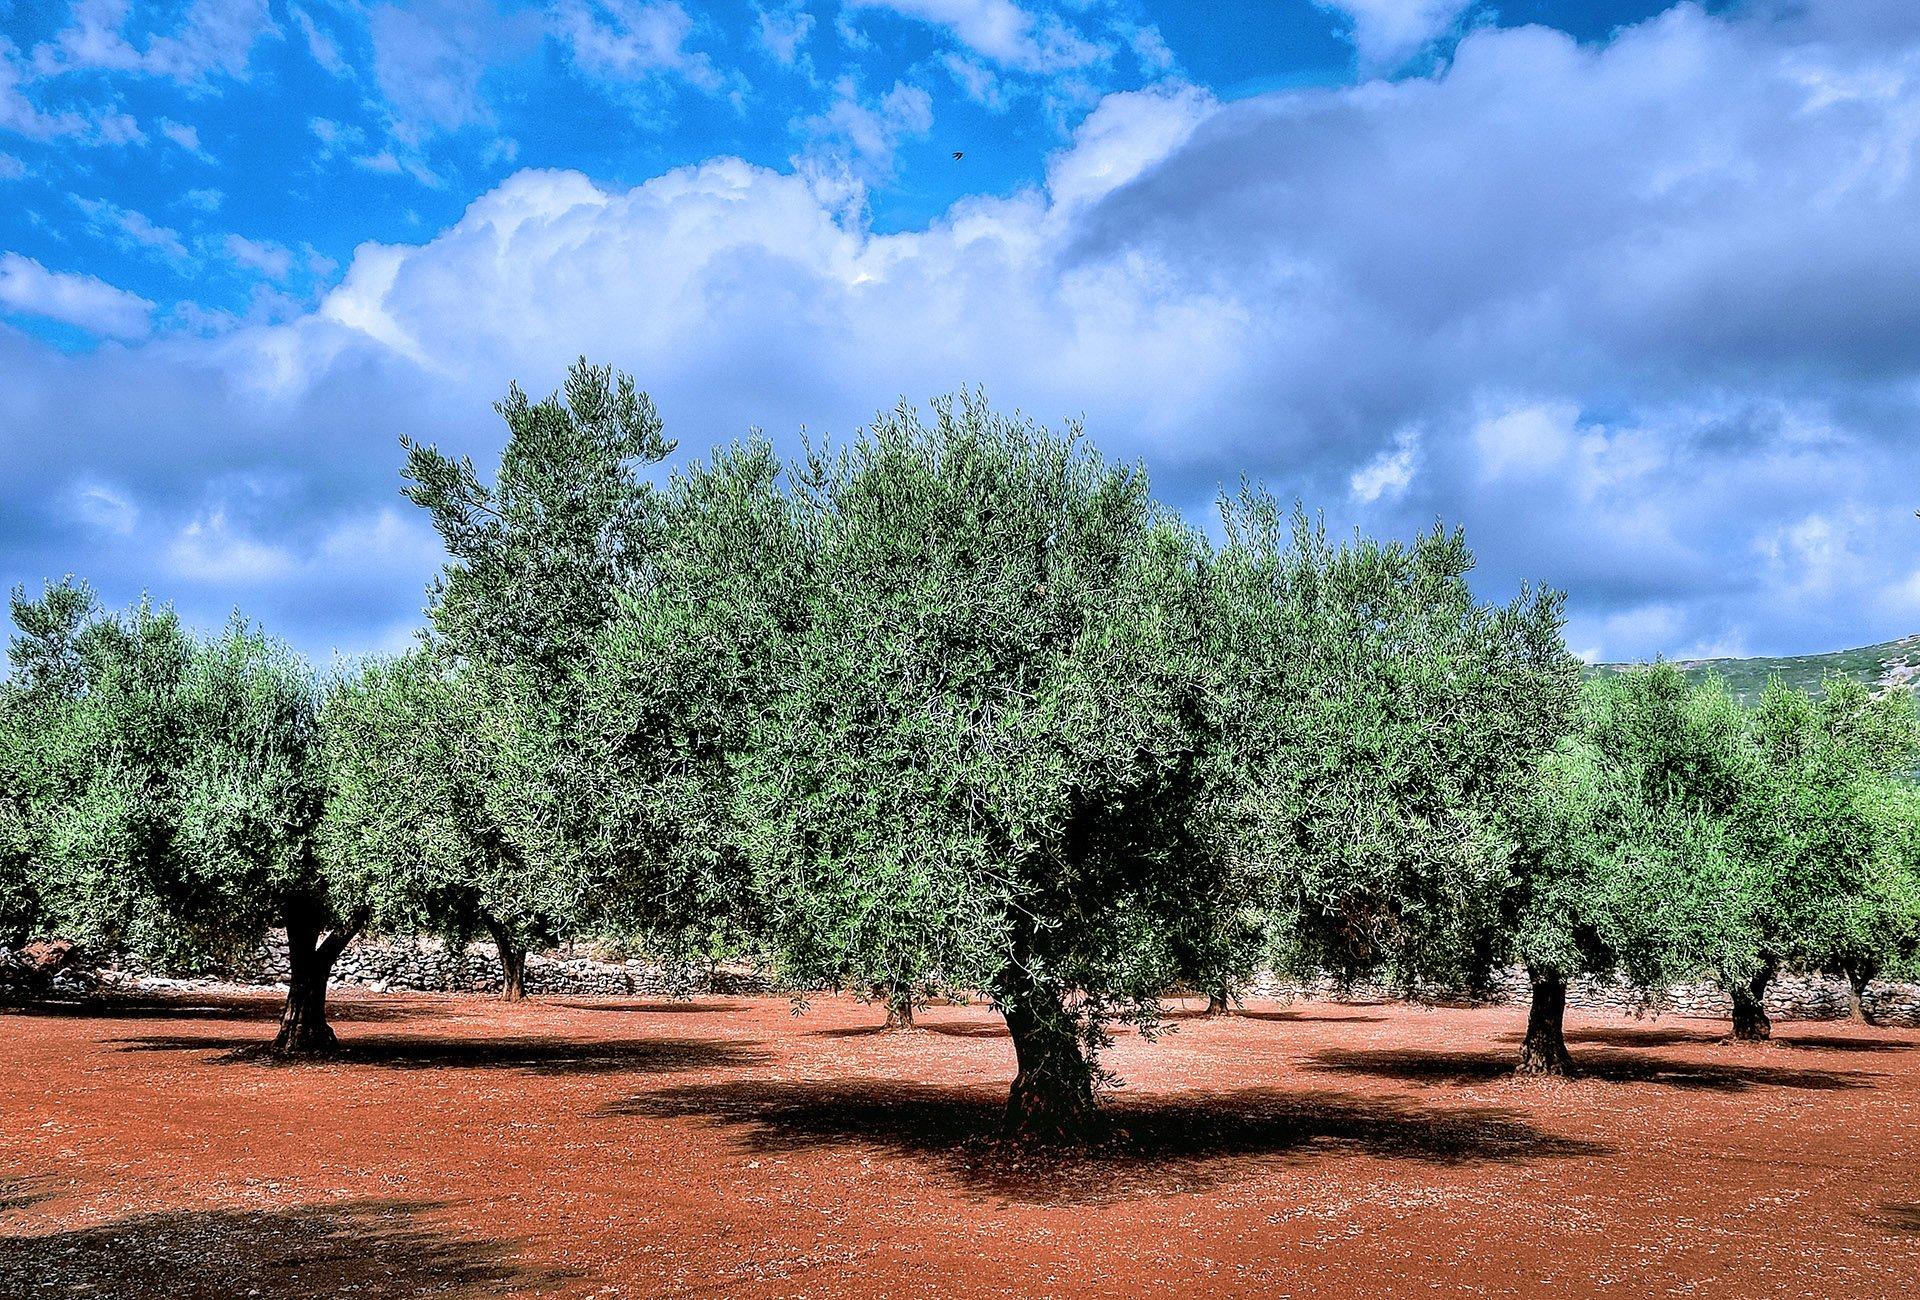 zeytin ağaçları